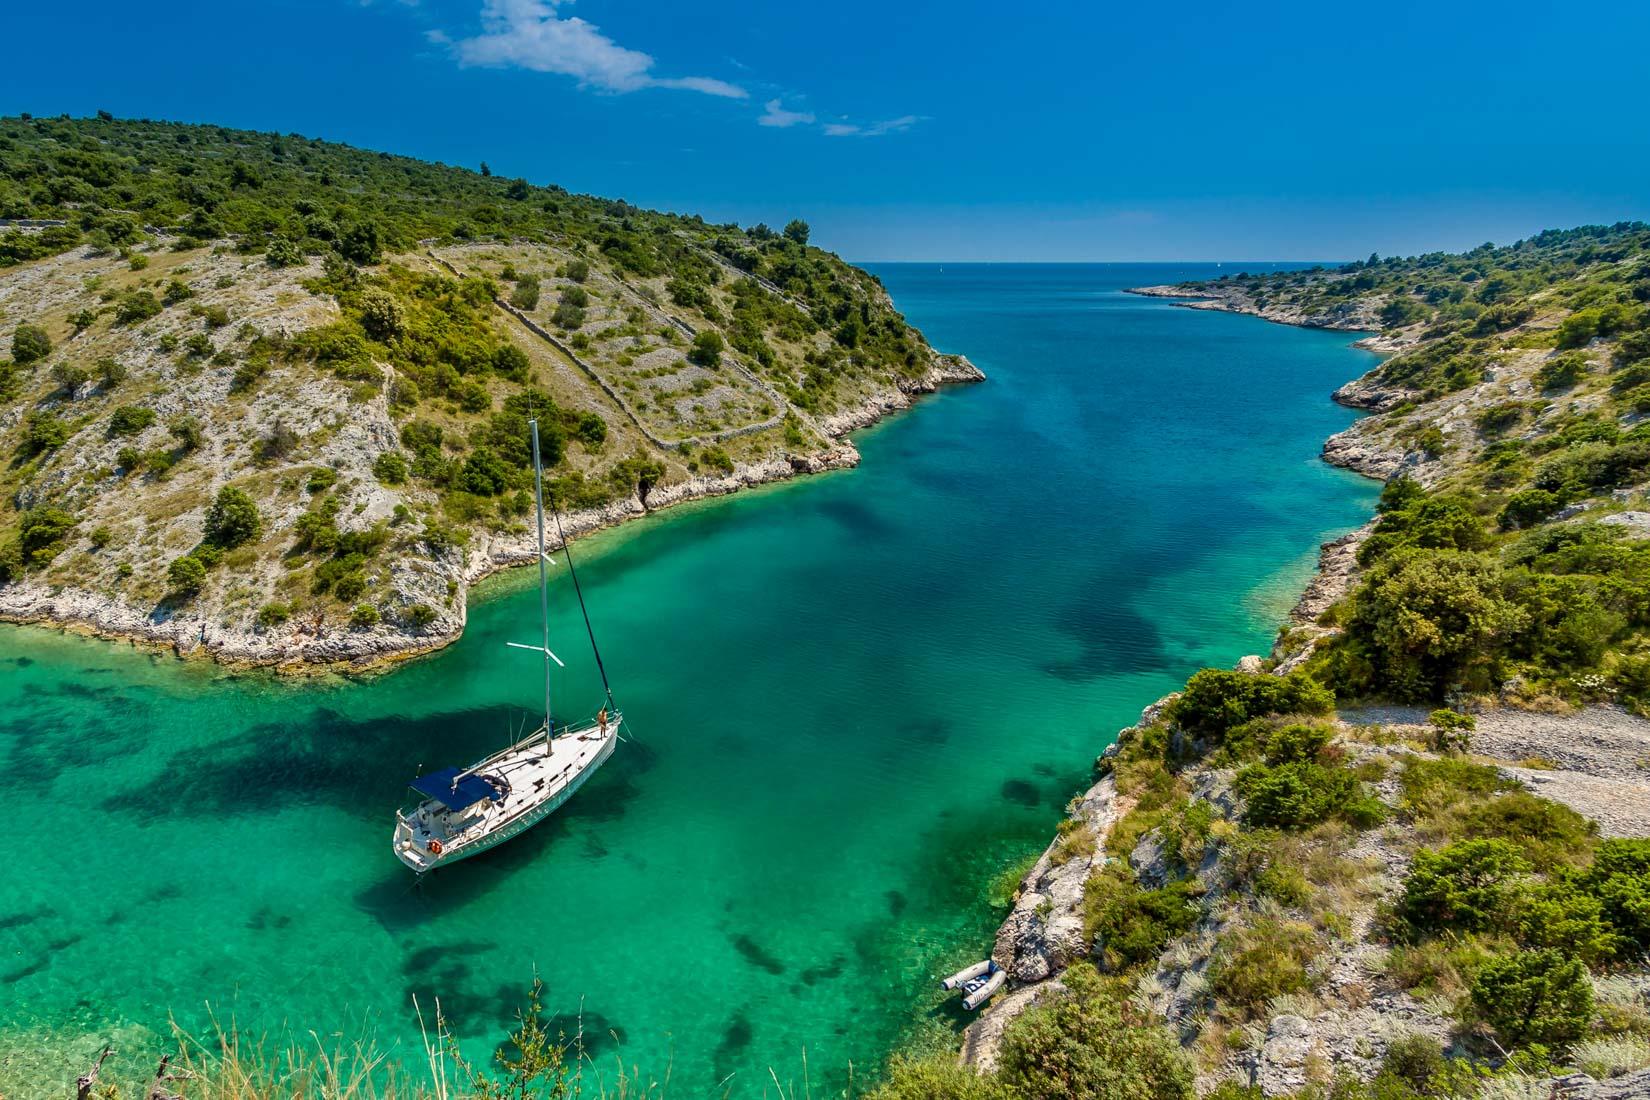 Trogir Island